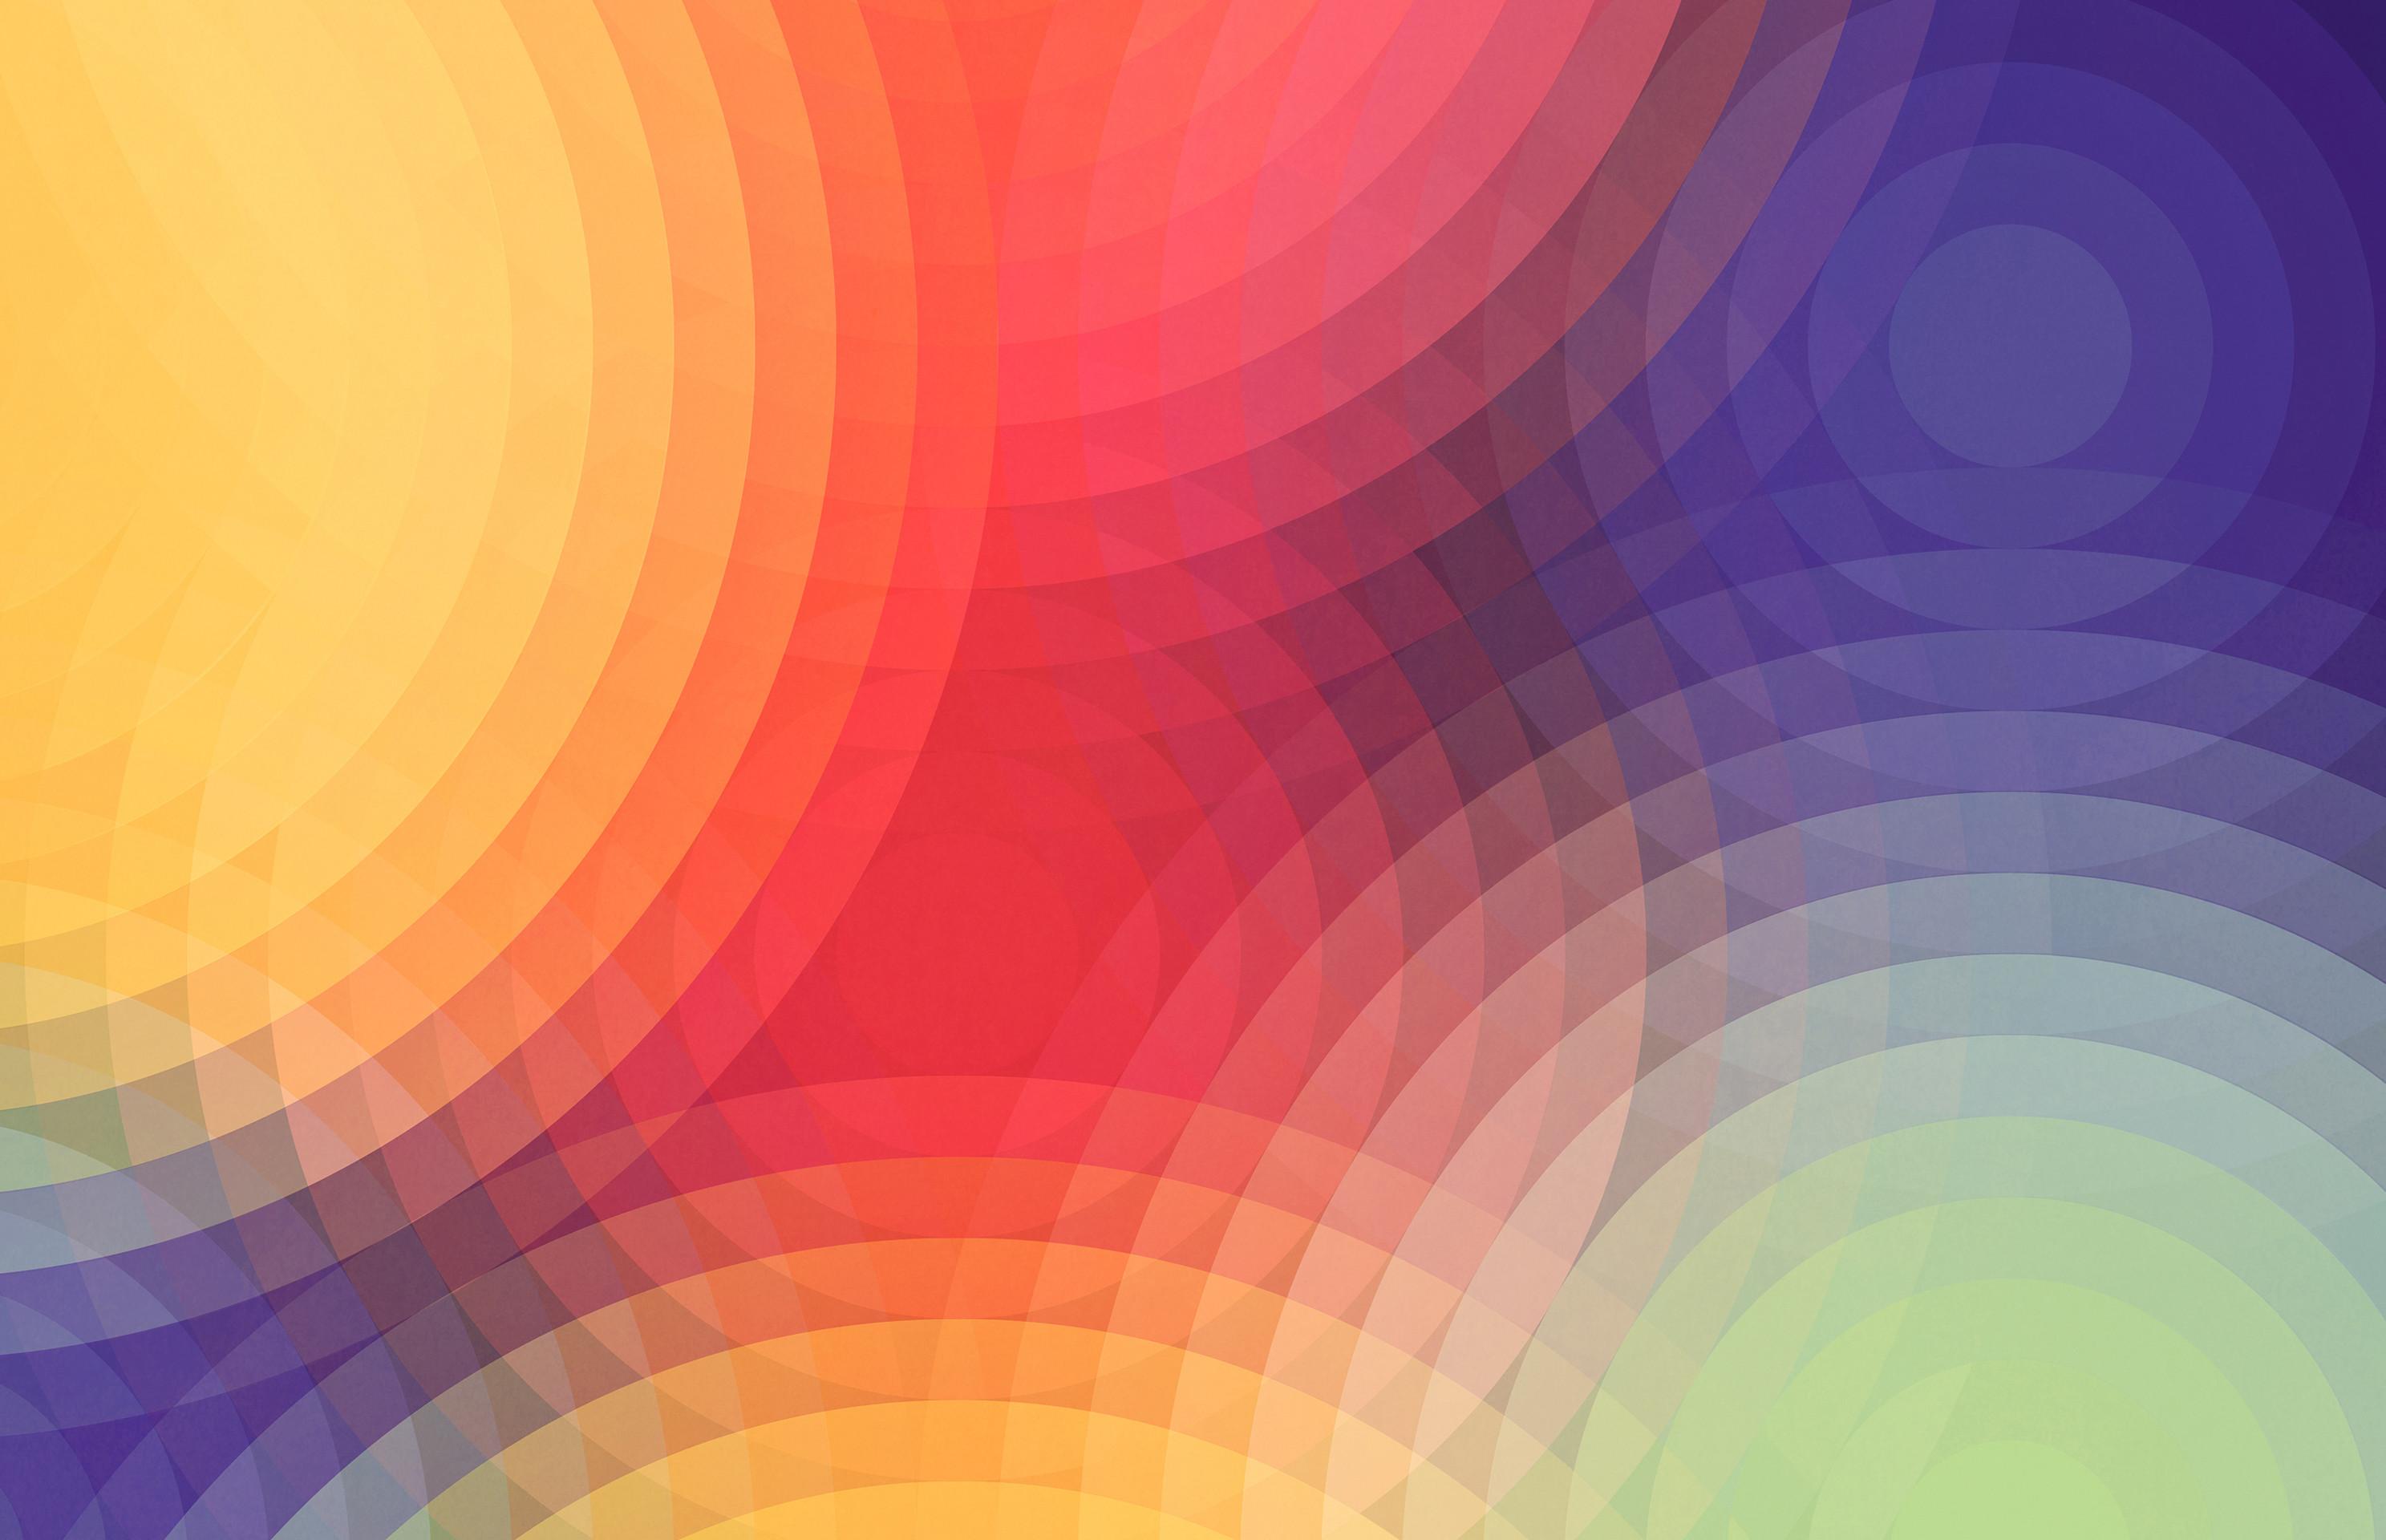 Cute Wallpaper Galaxy S4 Sfondi Carini 68 Immagini